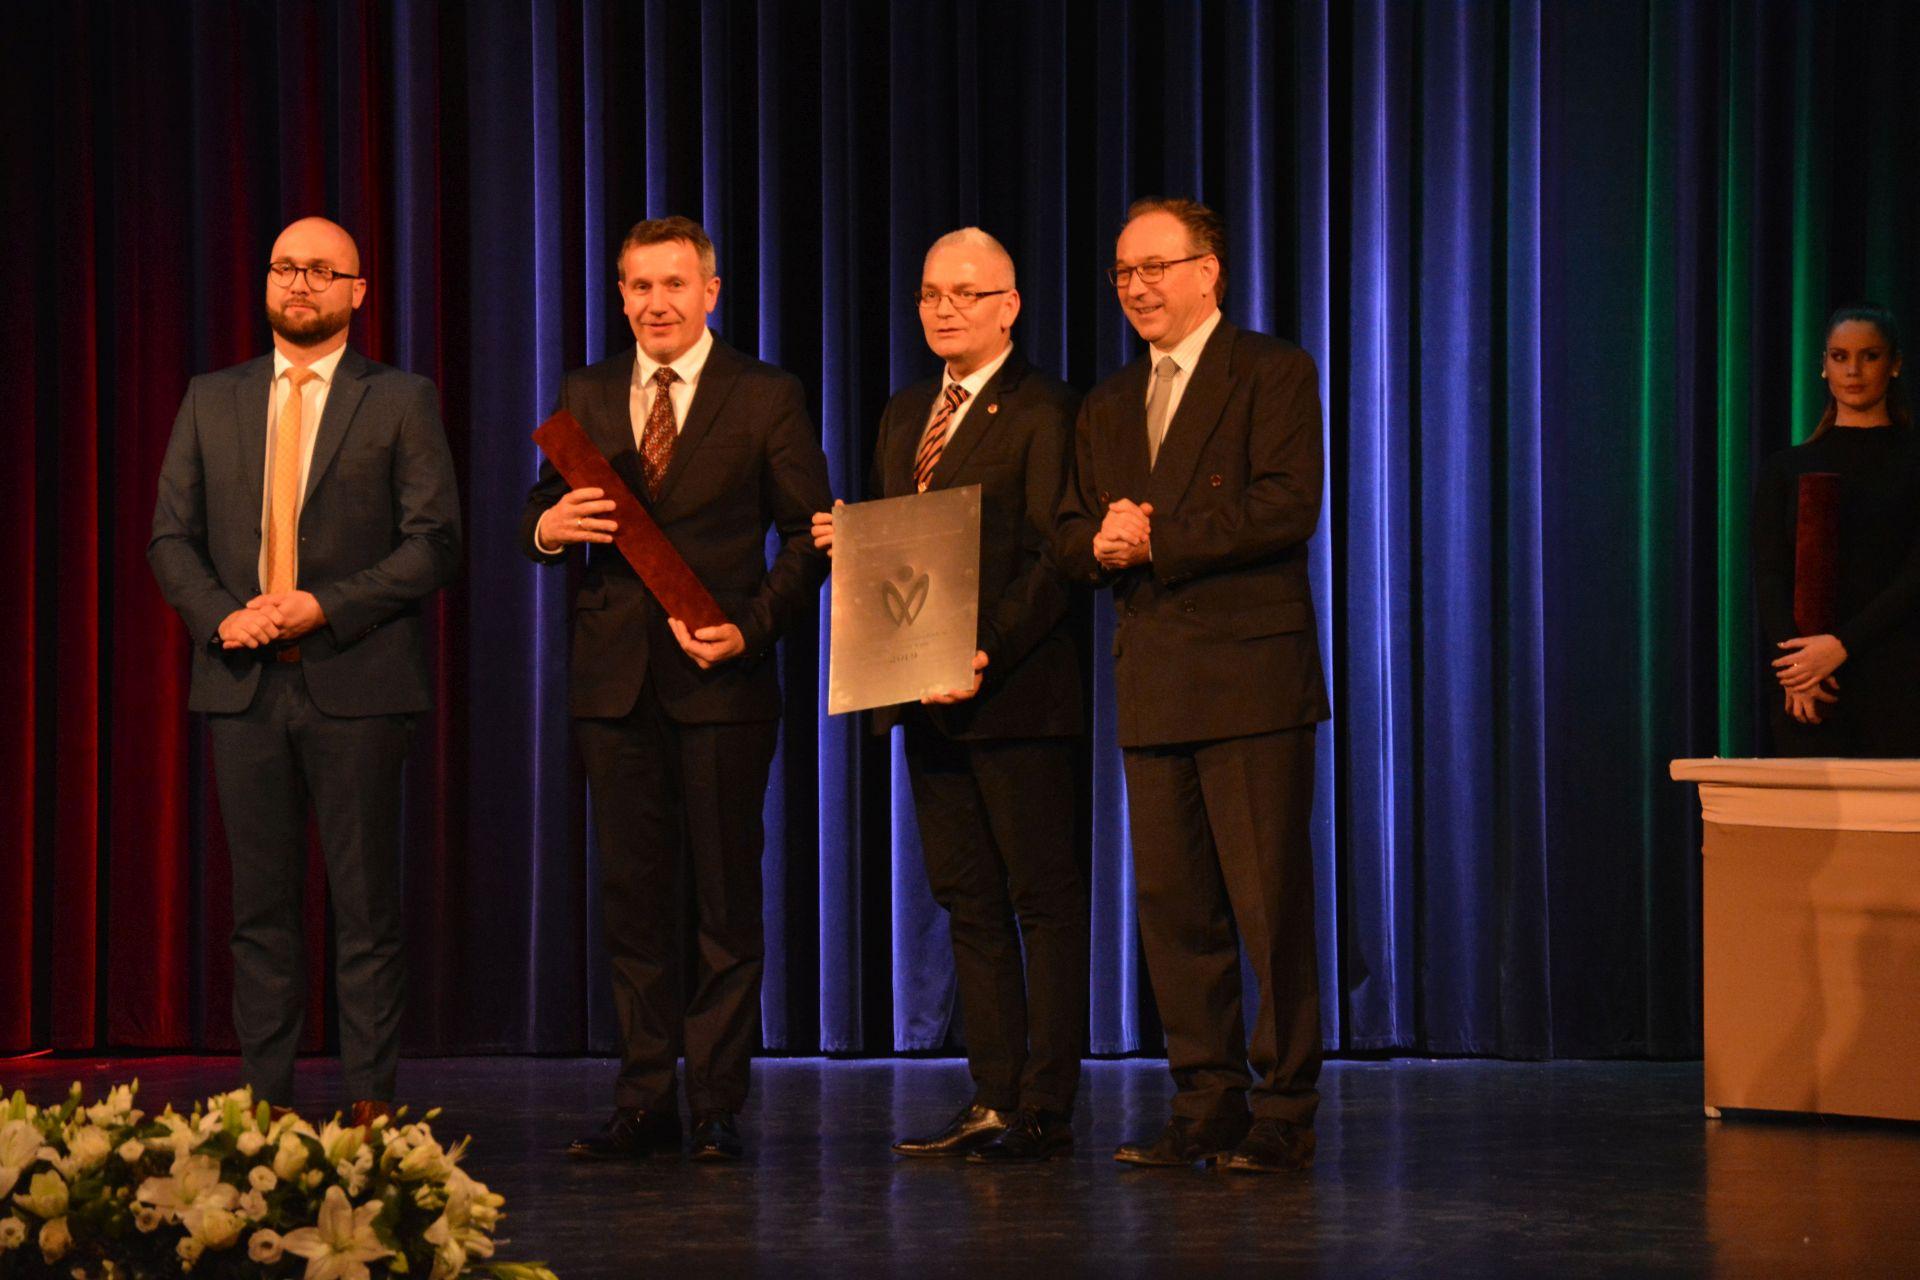 A Tiszaújvárosi Művelődési Központ és Könyvtár Molnár István alpolgármester és Mátyás Zoltán igazgató